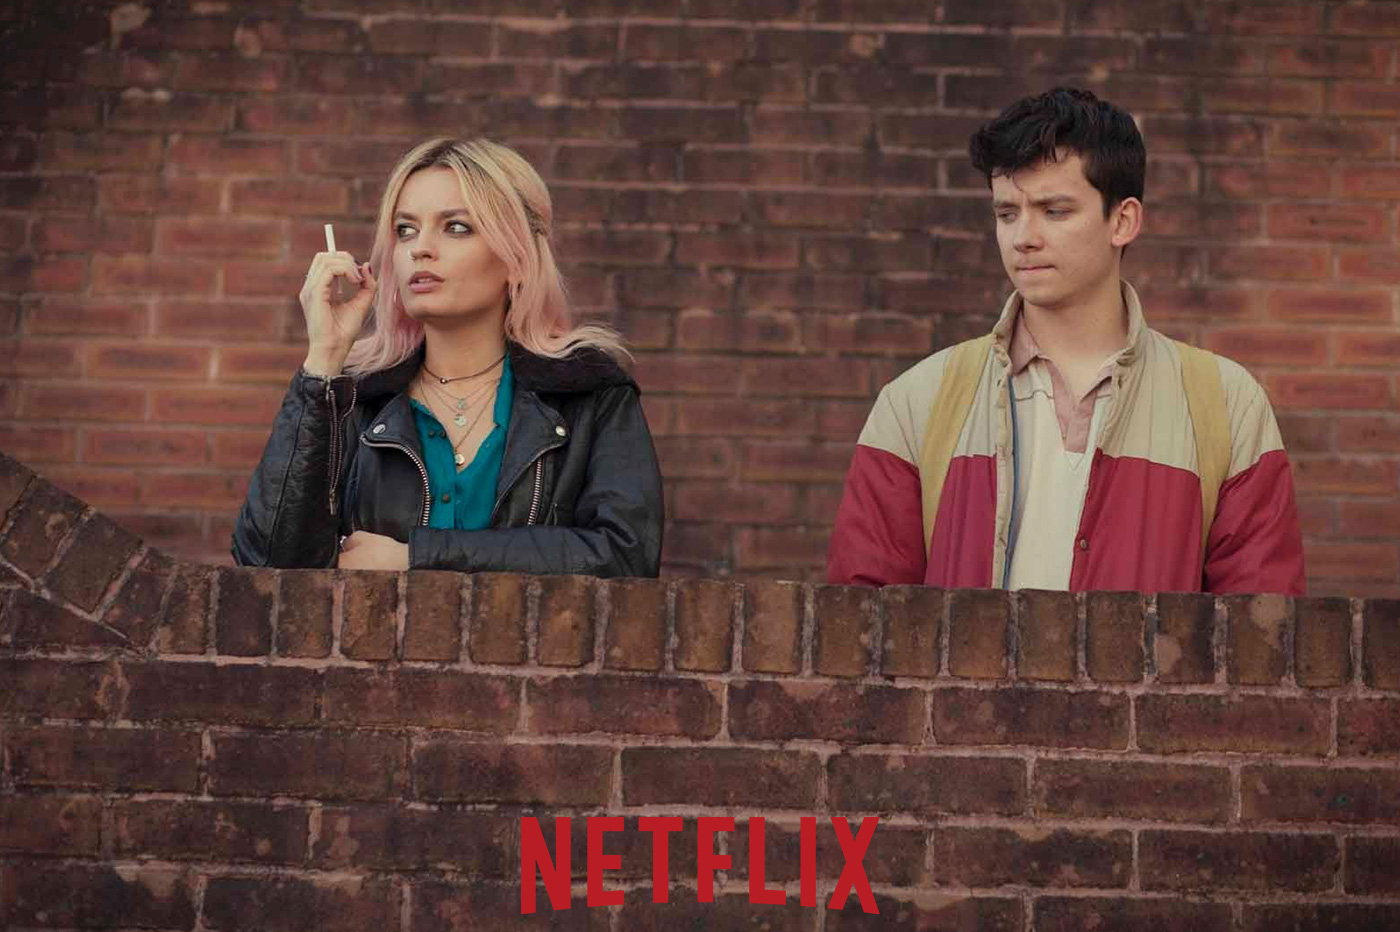 Sur Netflix, voici les 5 films et séries à découvrir dès ce week-end